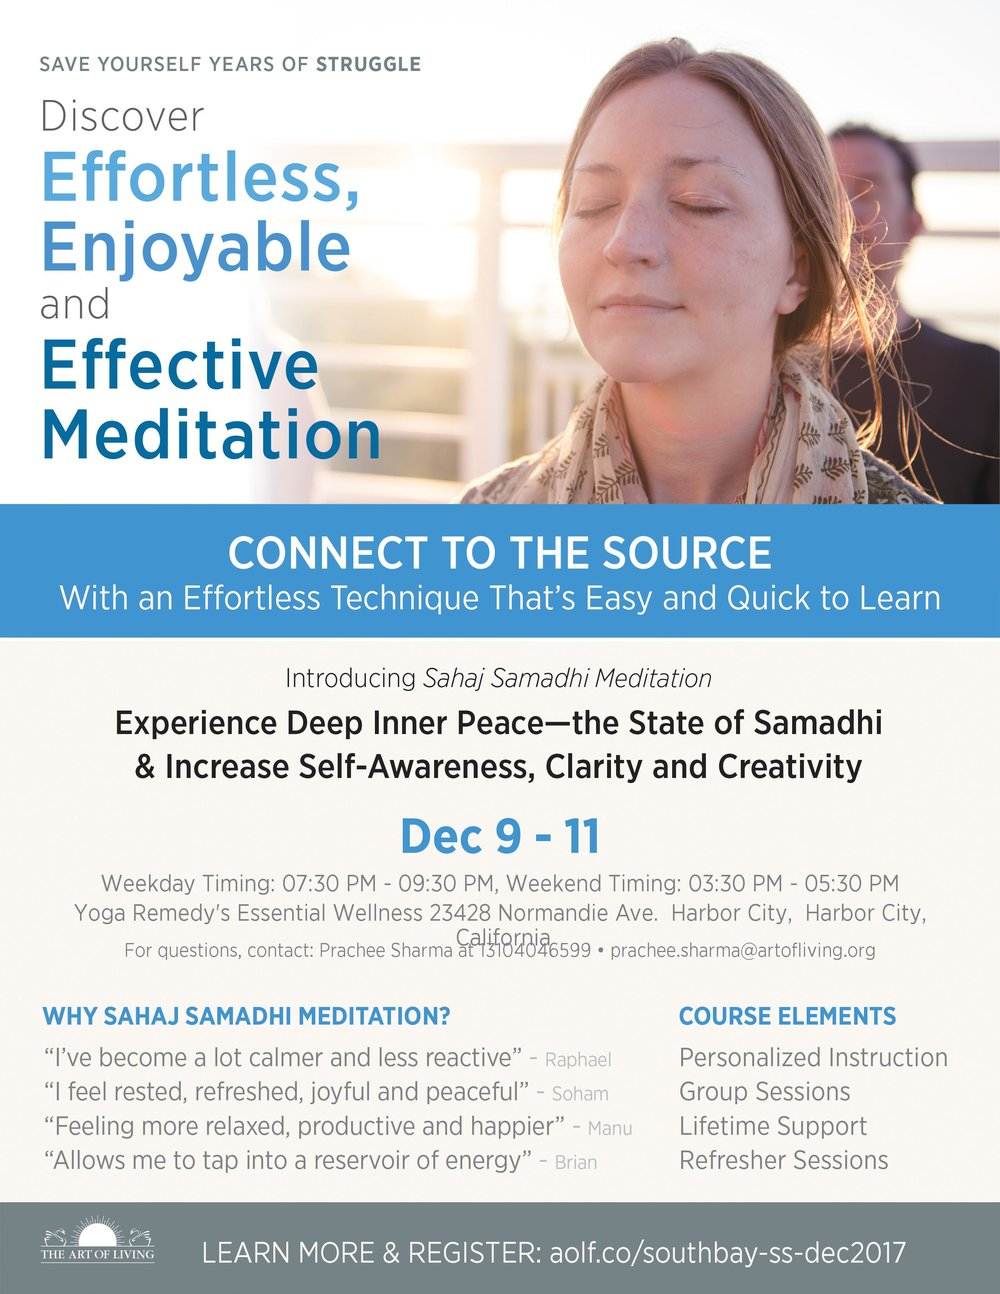 sahaj_samadhi_meditation-v1-print-145960-dec09-11.jpg